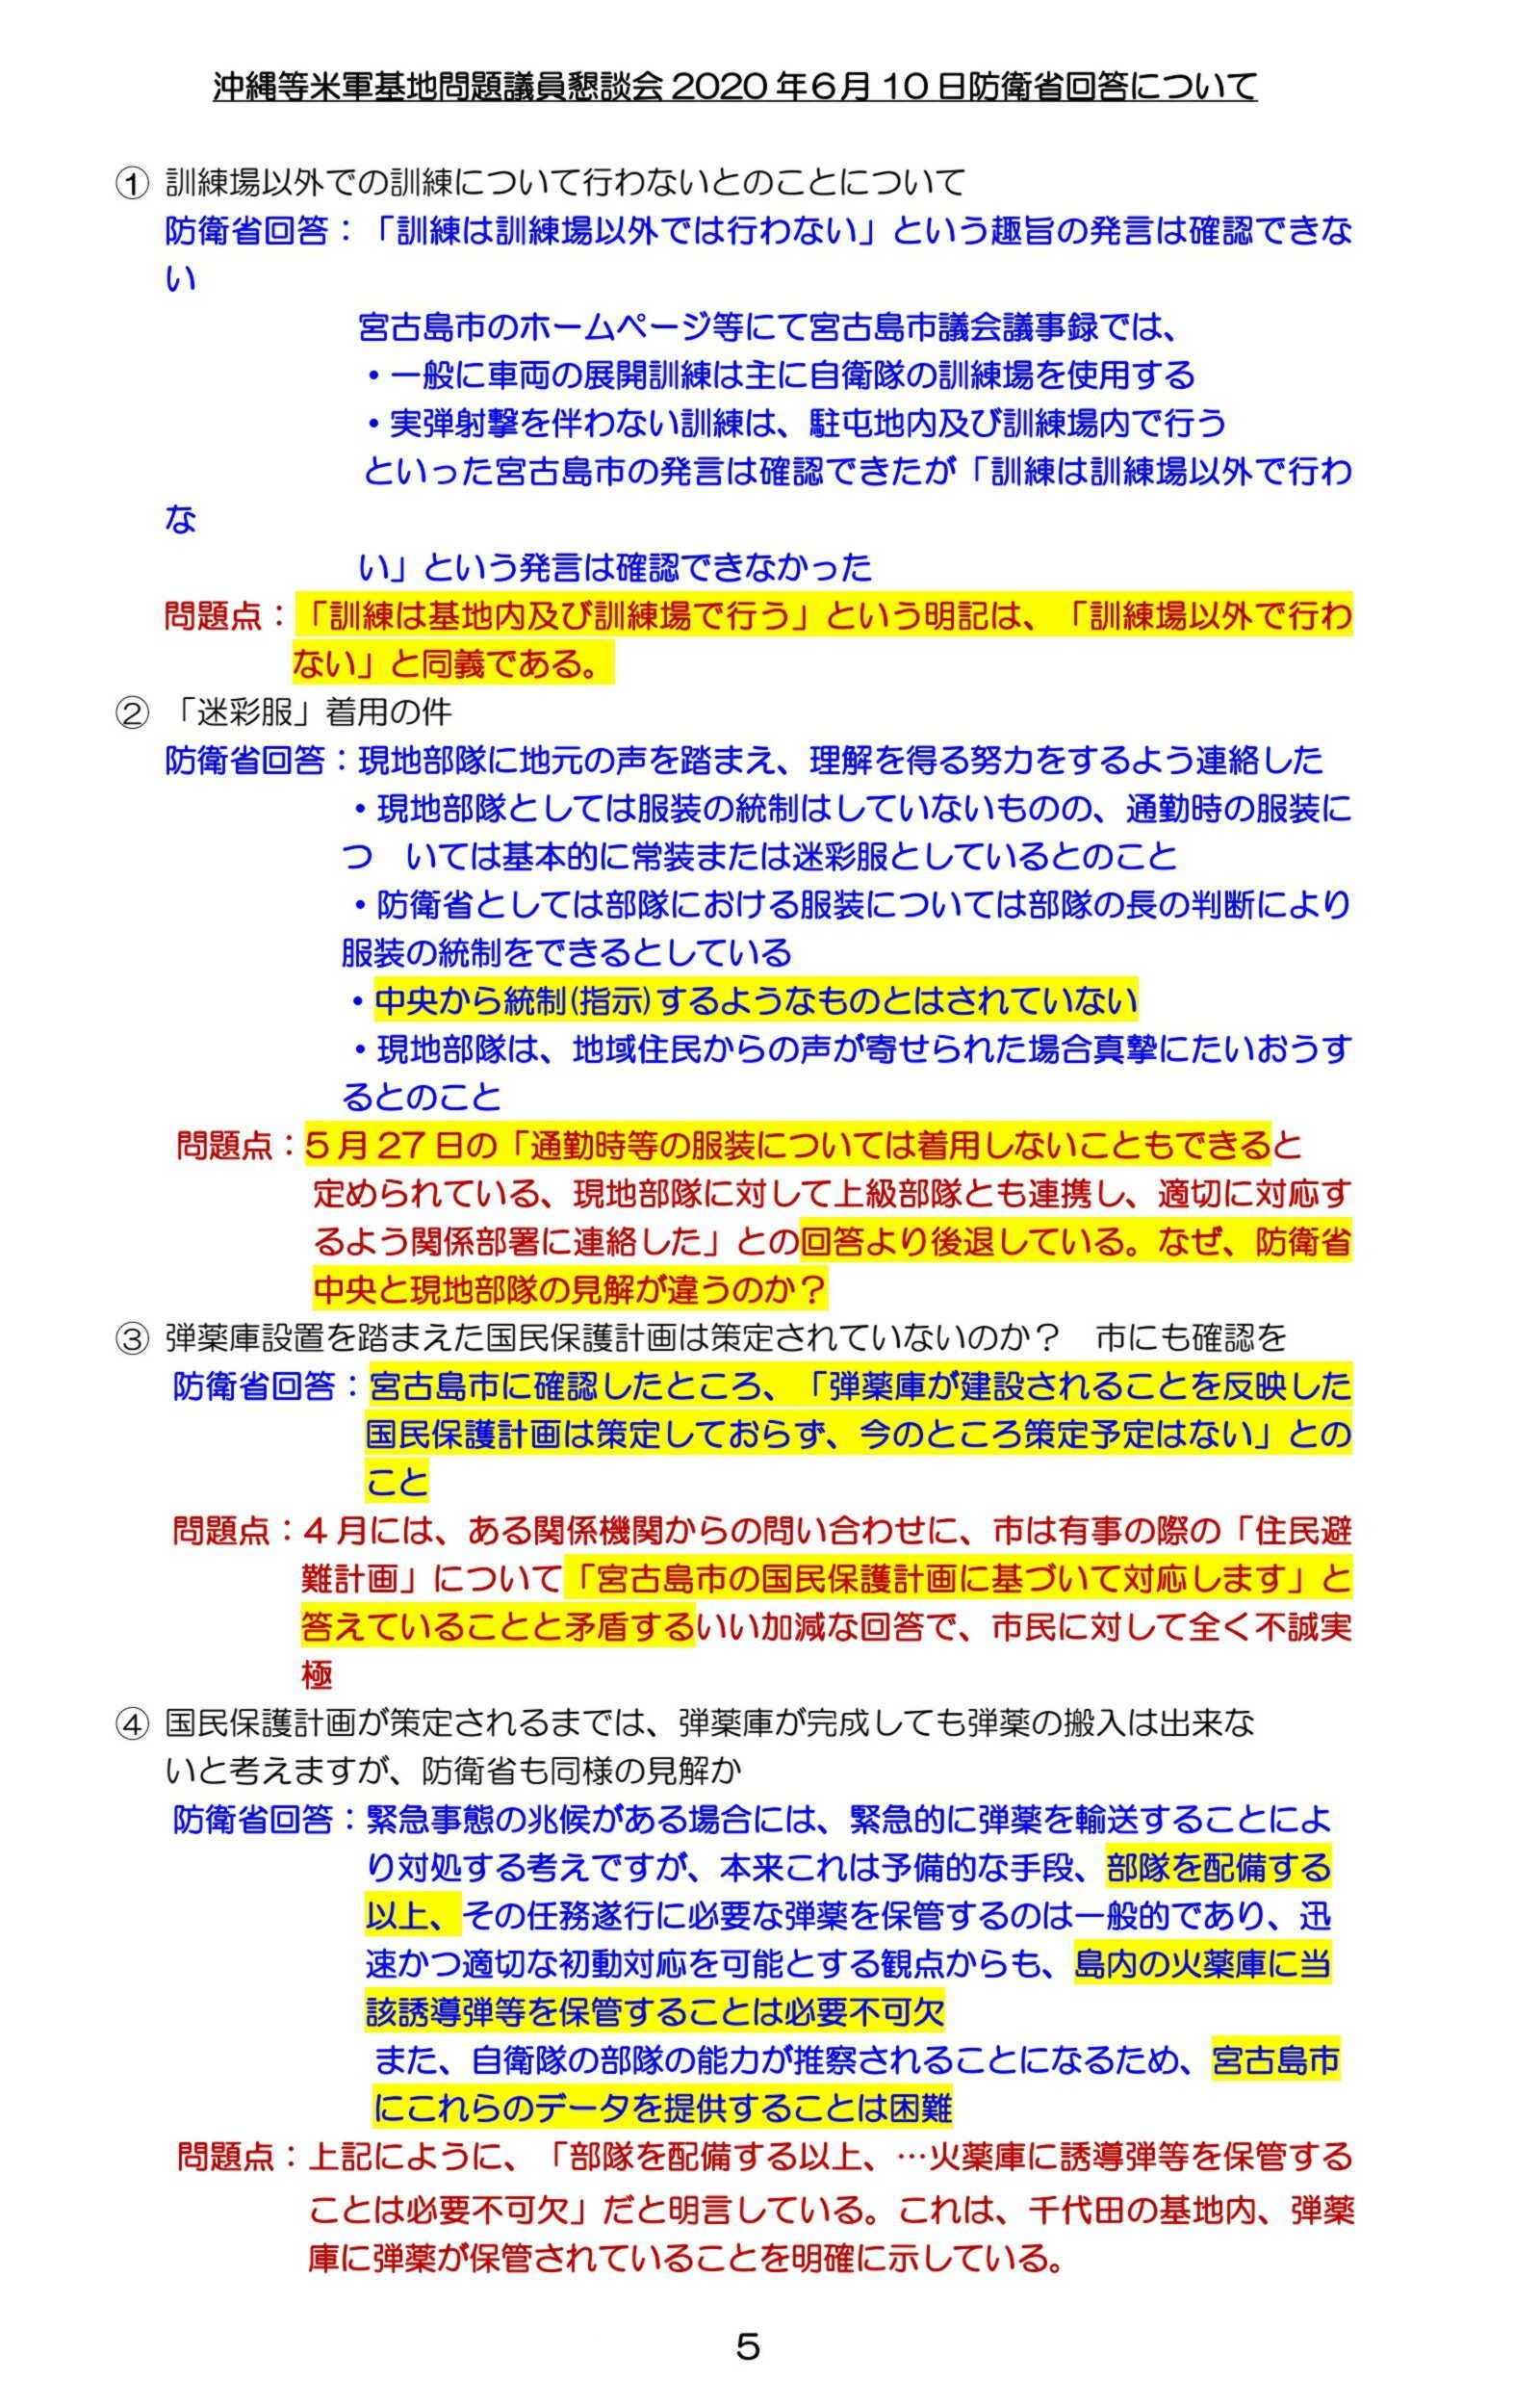 05 議員懇談会0610